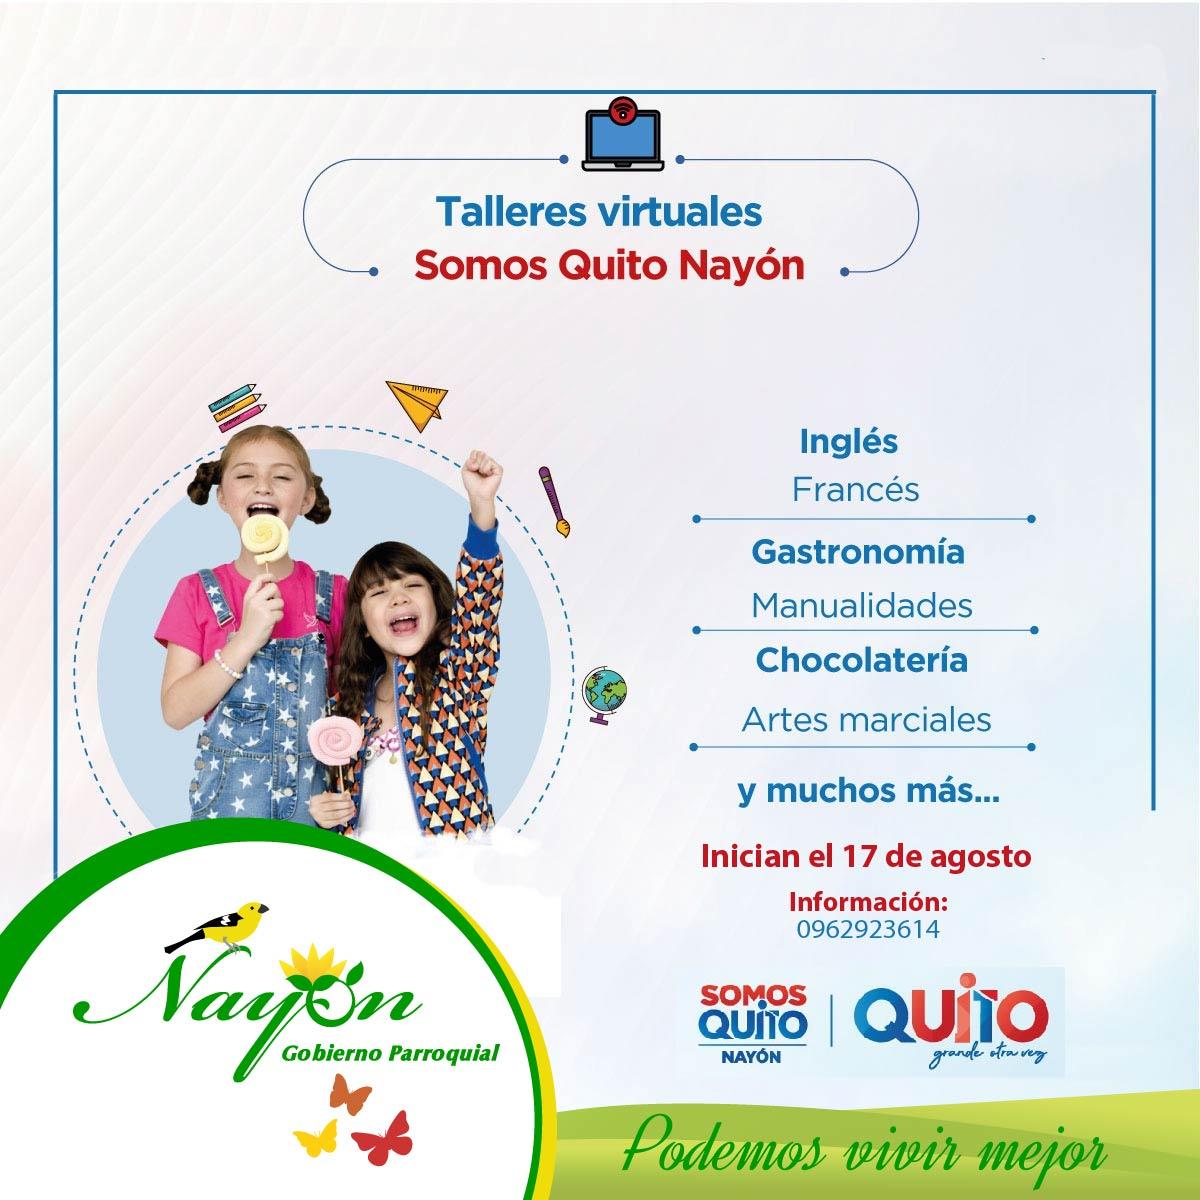 Talleres Virtuales, Somos Quito Nayón